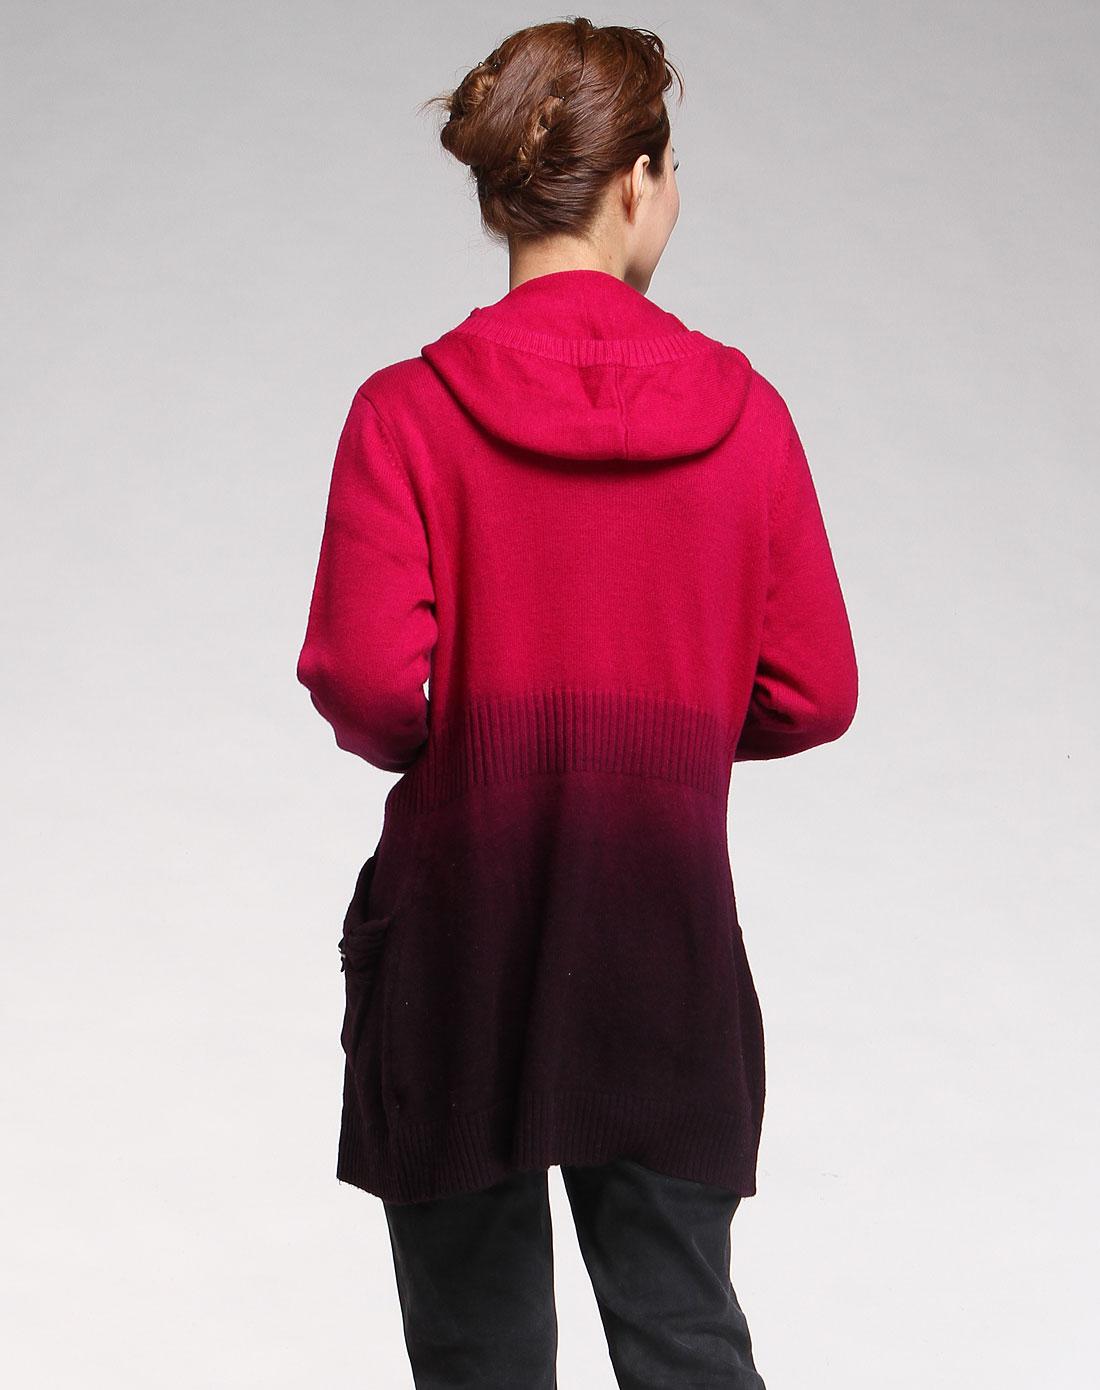 帕丝特pstl玫红色渐变连帽长袖针织衫240903705323